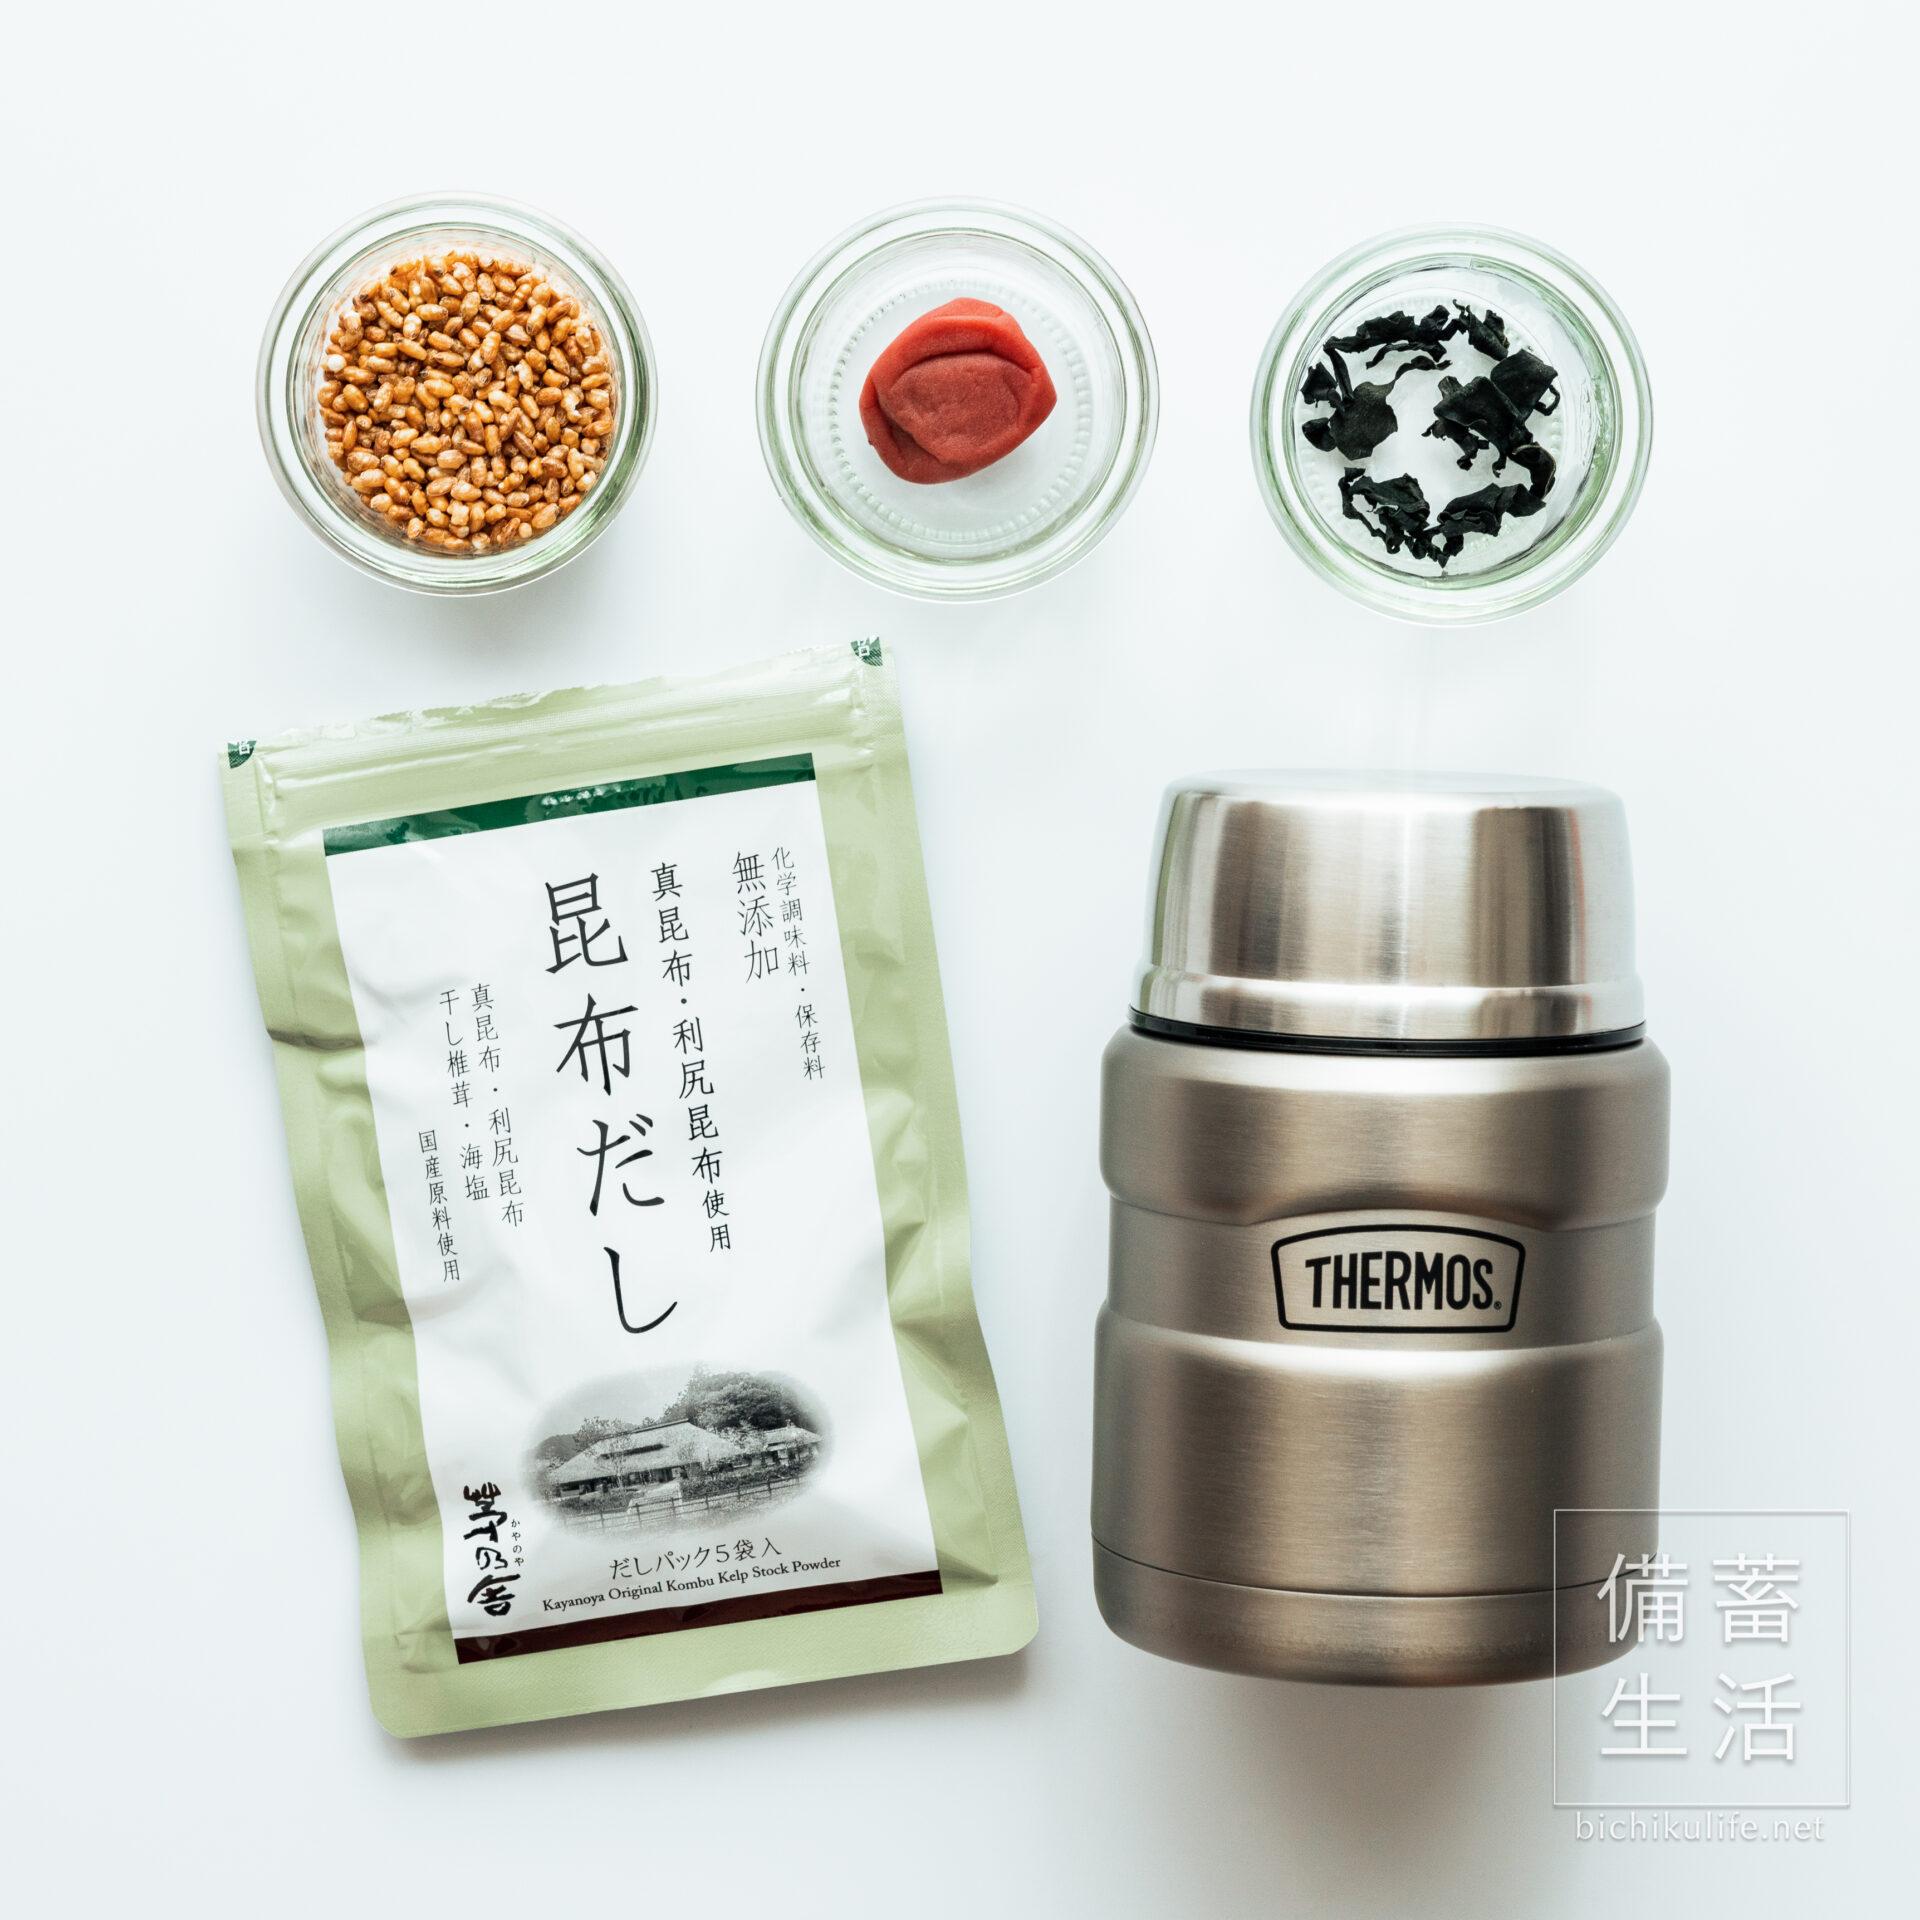 梅こんぶ炒り玄米スープご飯のレシピ、材料